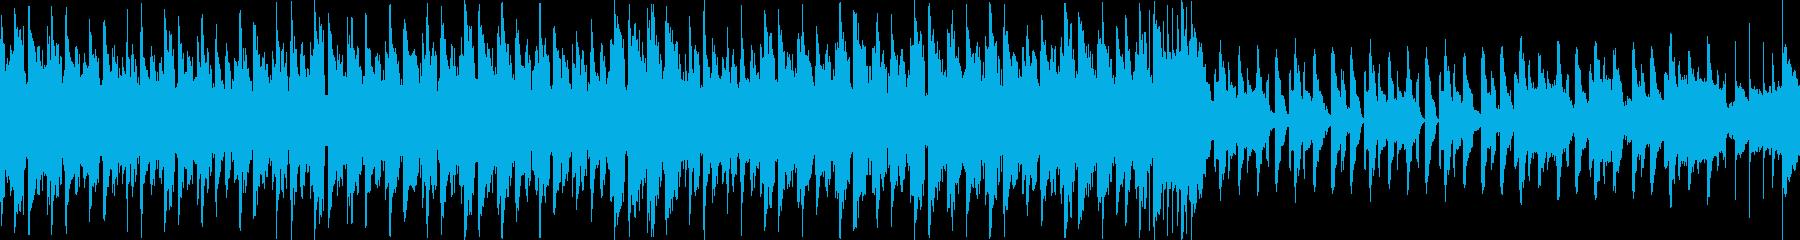 【メロなし/ループ】EDMアンセムの再生済みの波形